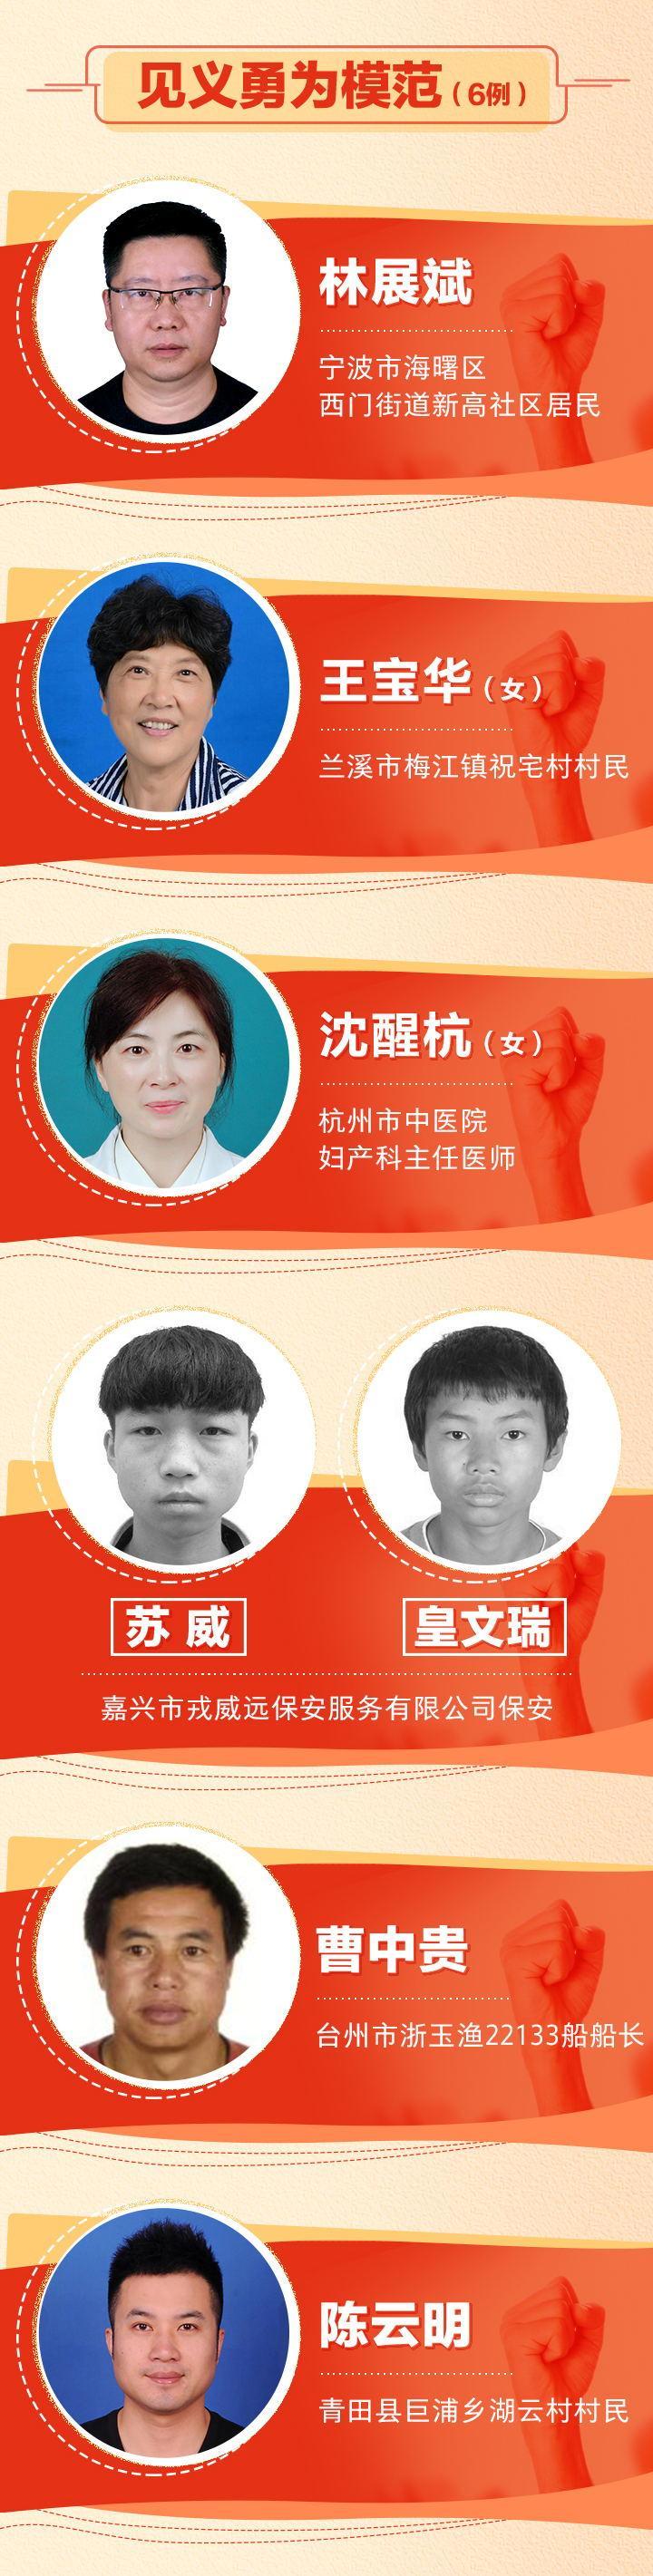 2019浙江省道德模范评选_04_看图王.jpg